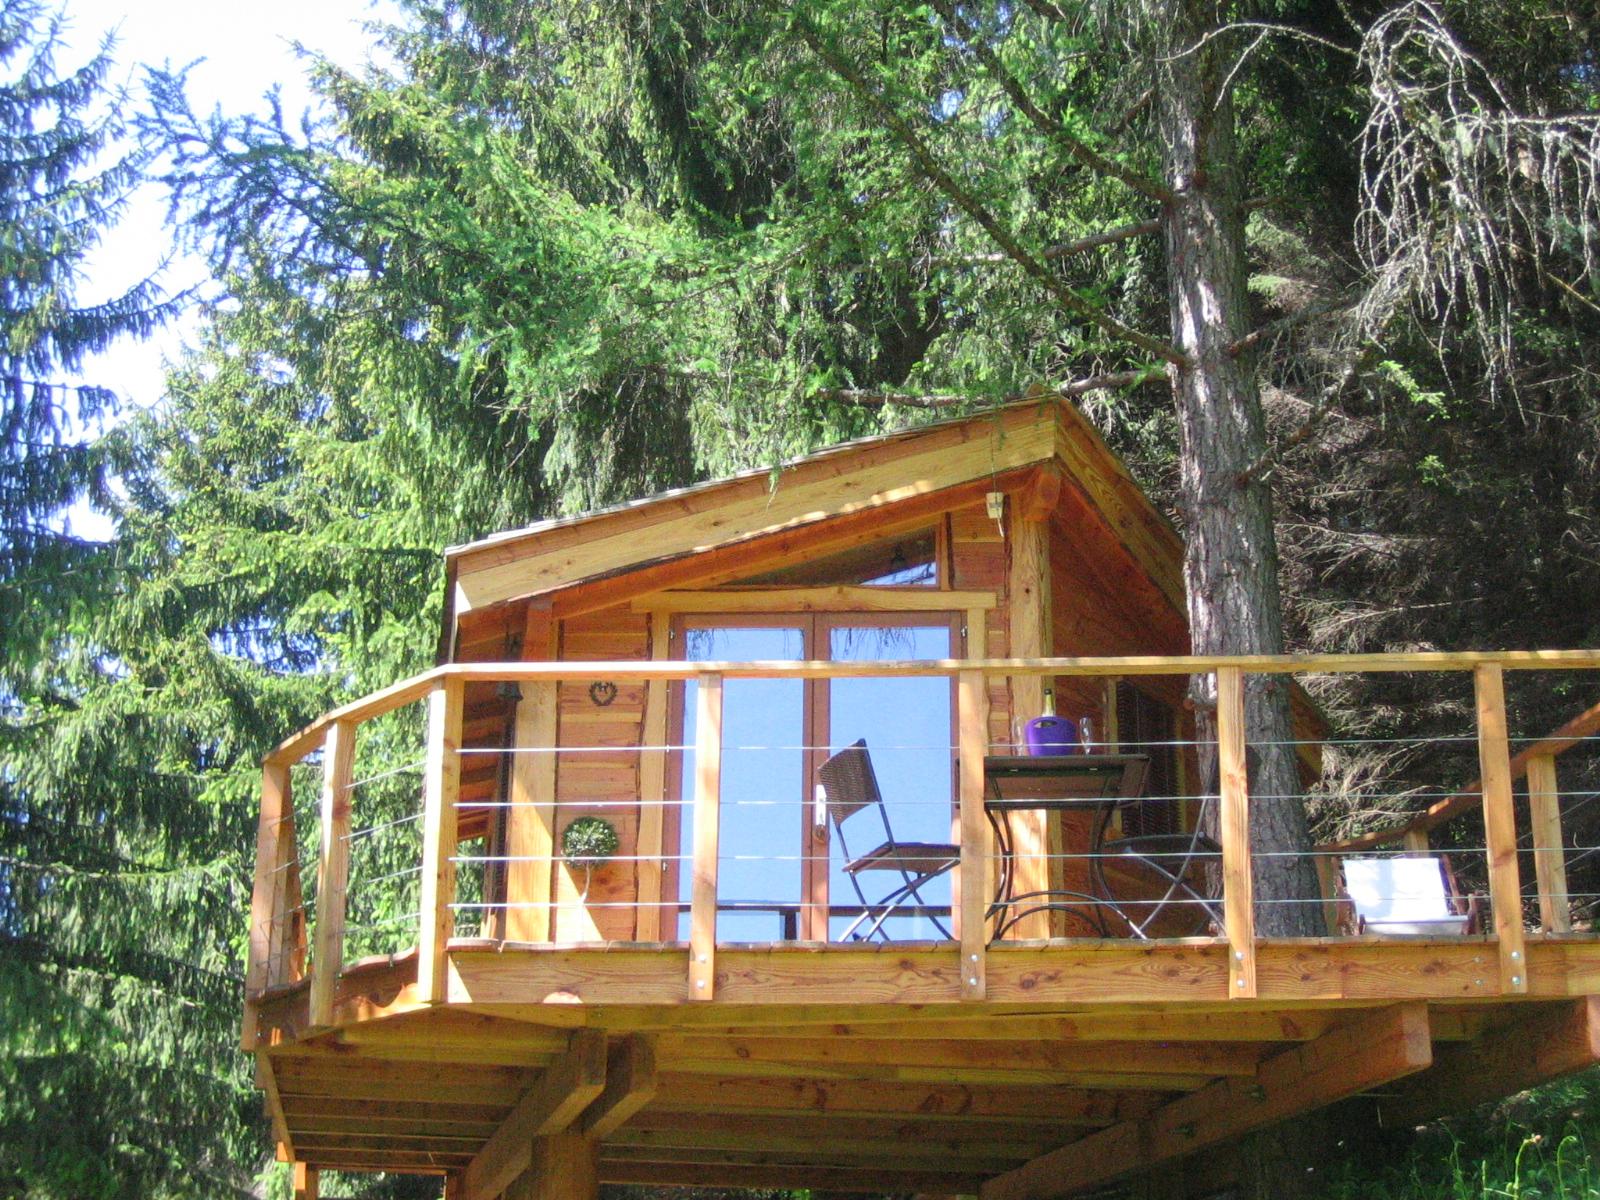 h bergement pour les vacances les cabanes dans les. Black Bedroom Furniture Sets. Home Design Ideas